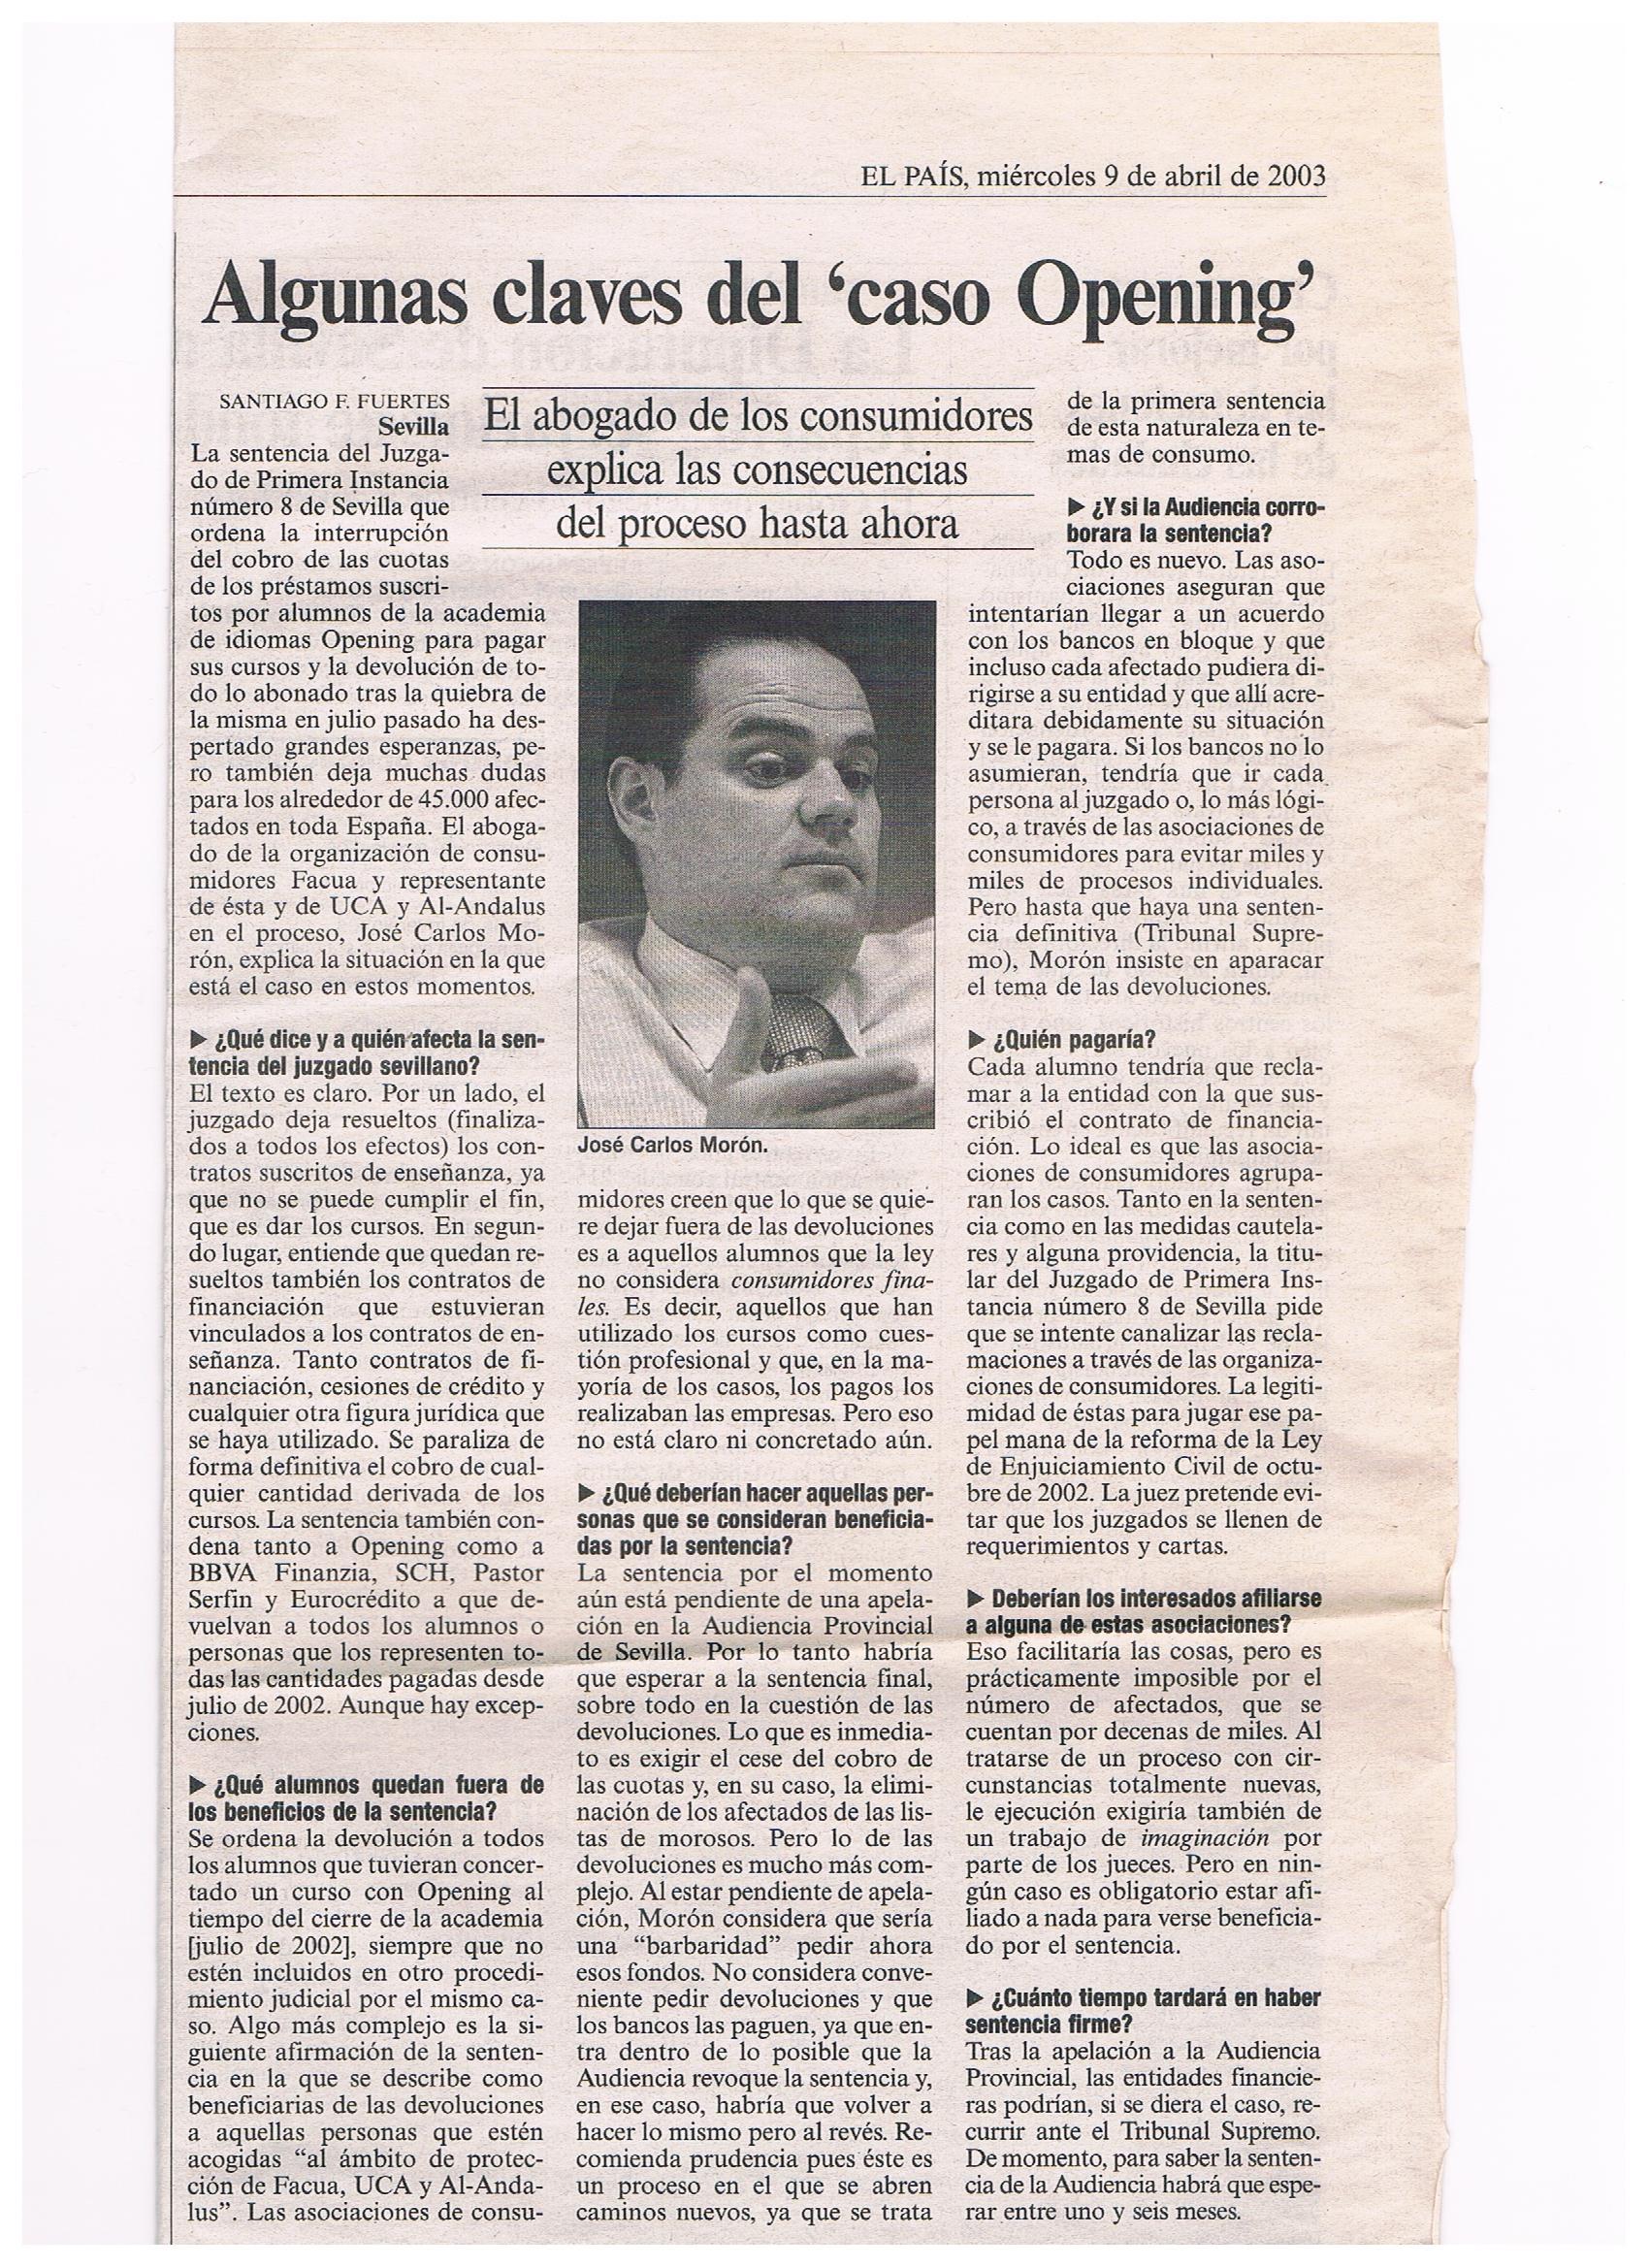 EL PAIS 9-4-2003